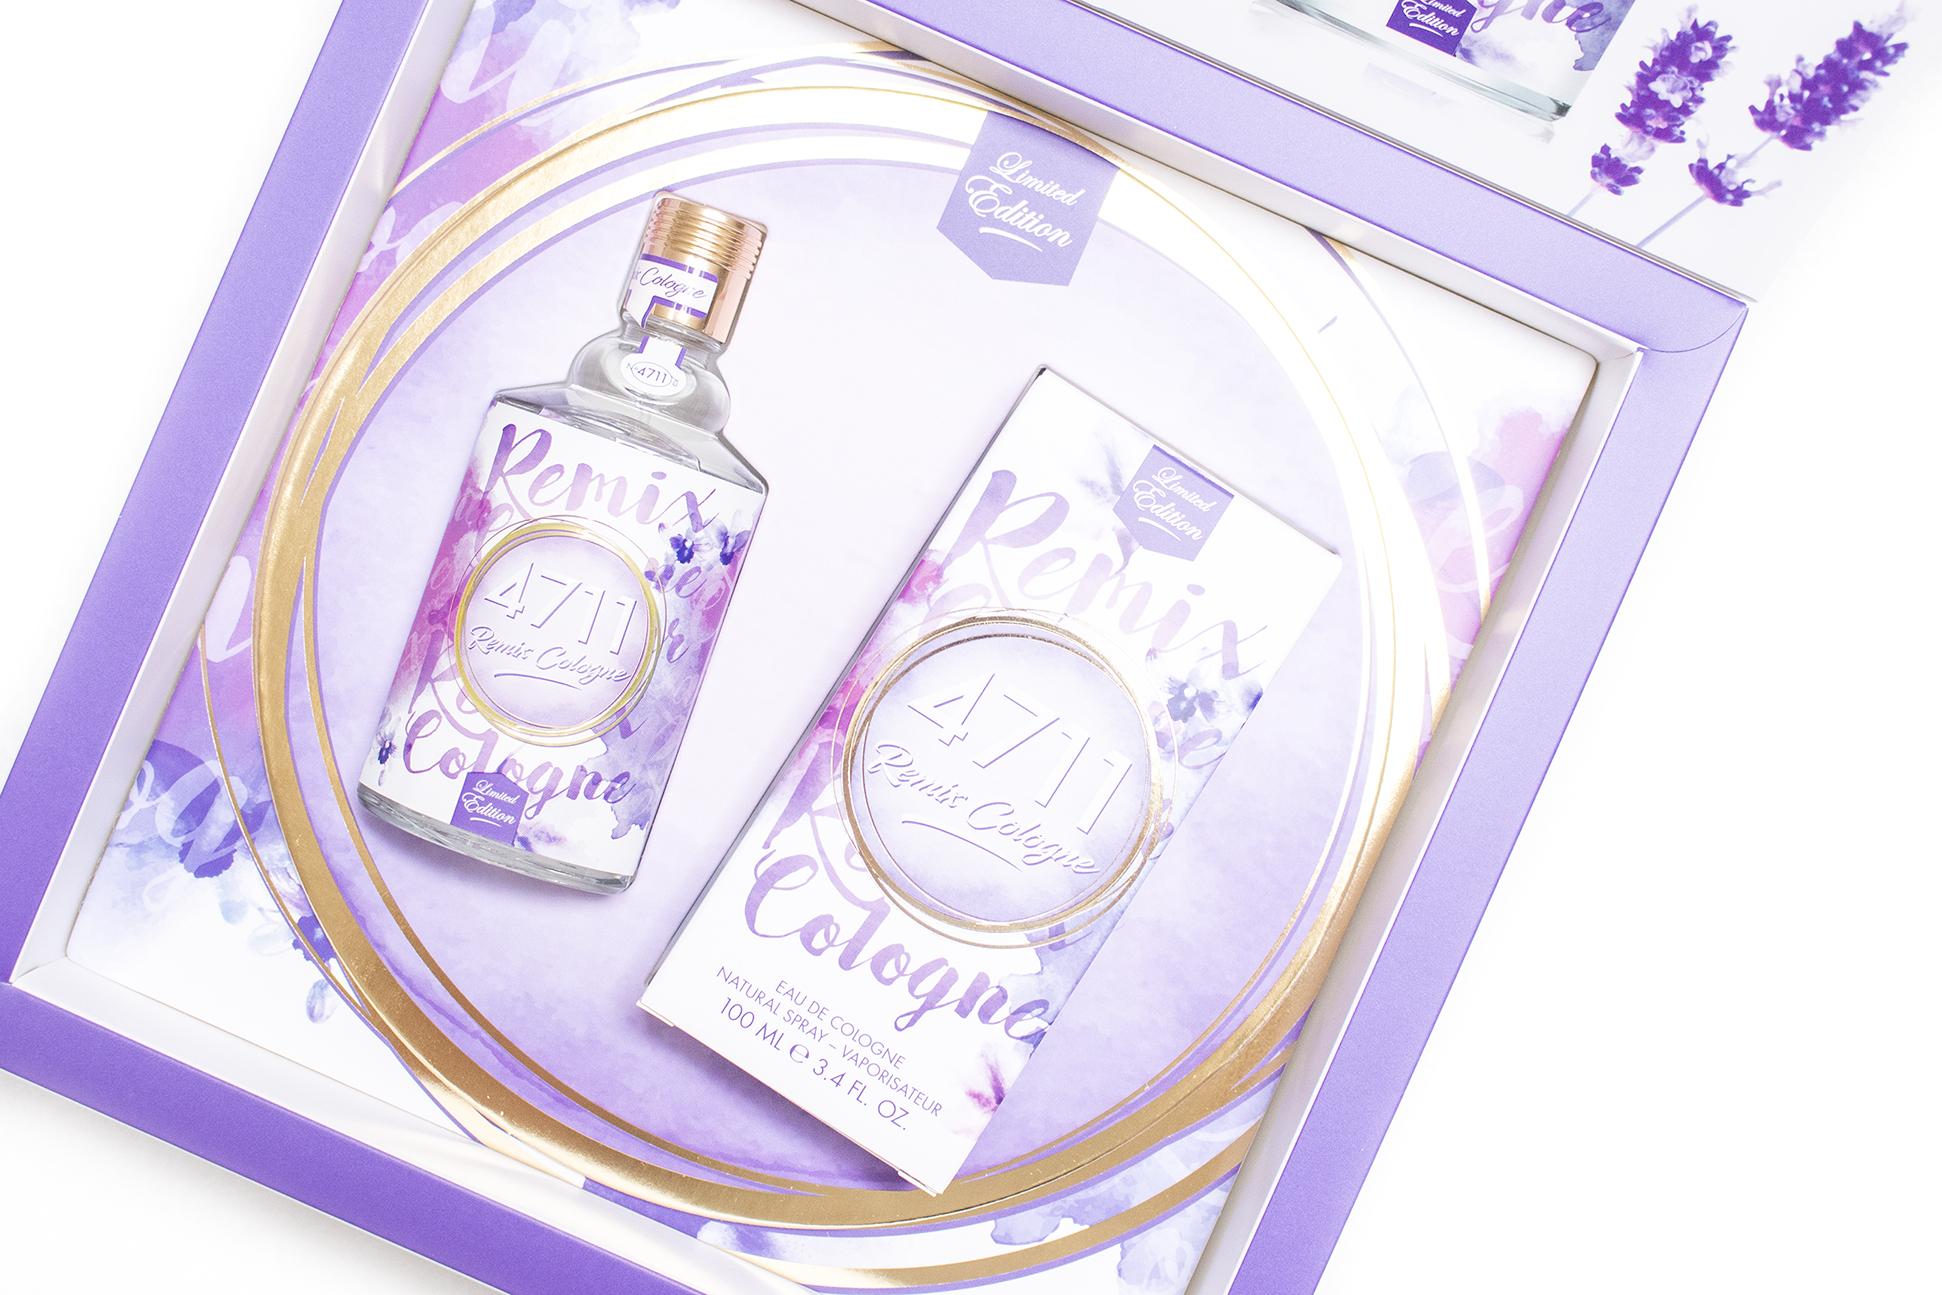 4711 remix eau de cologne lavendel